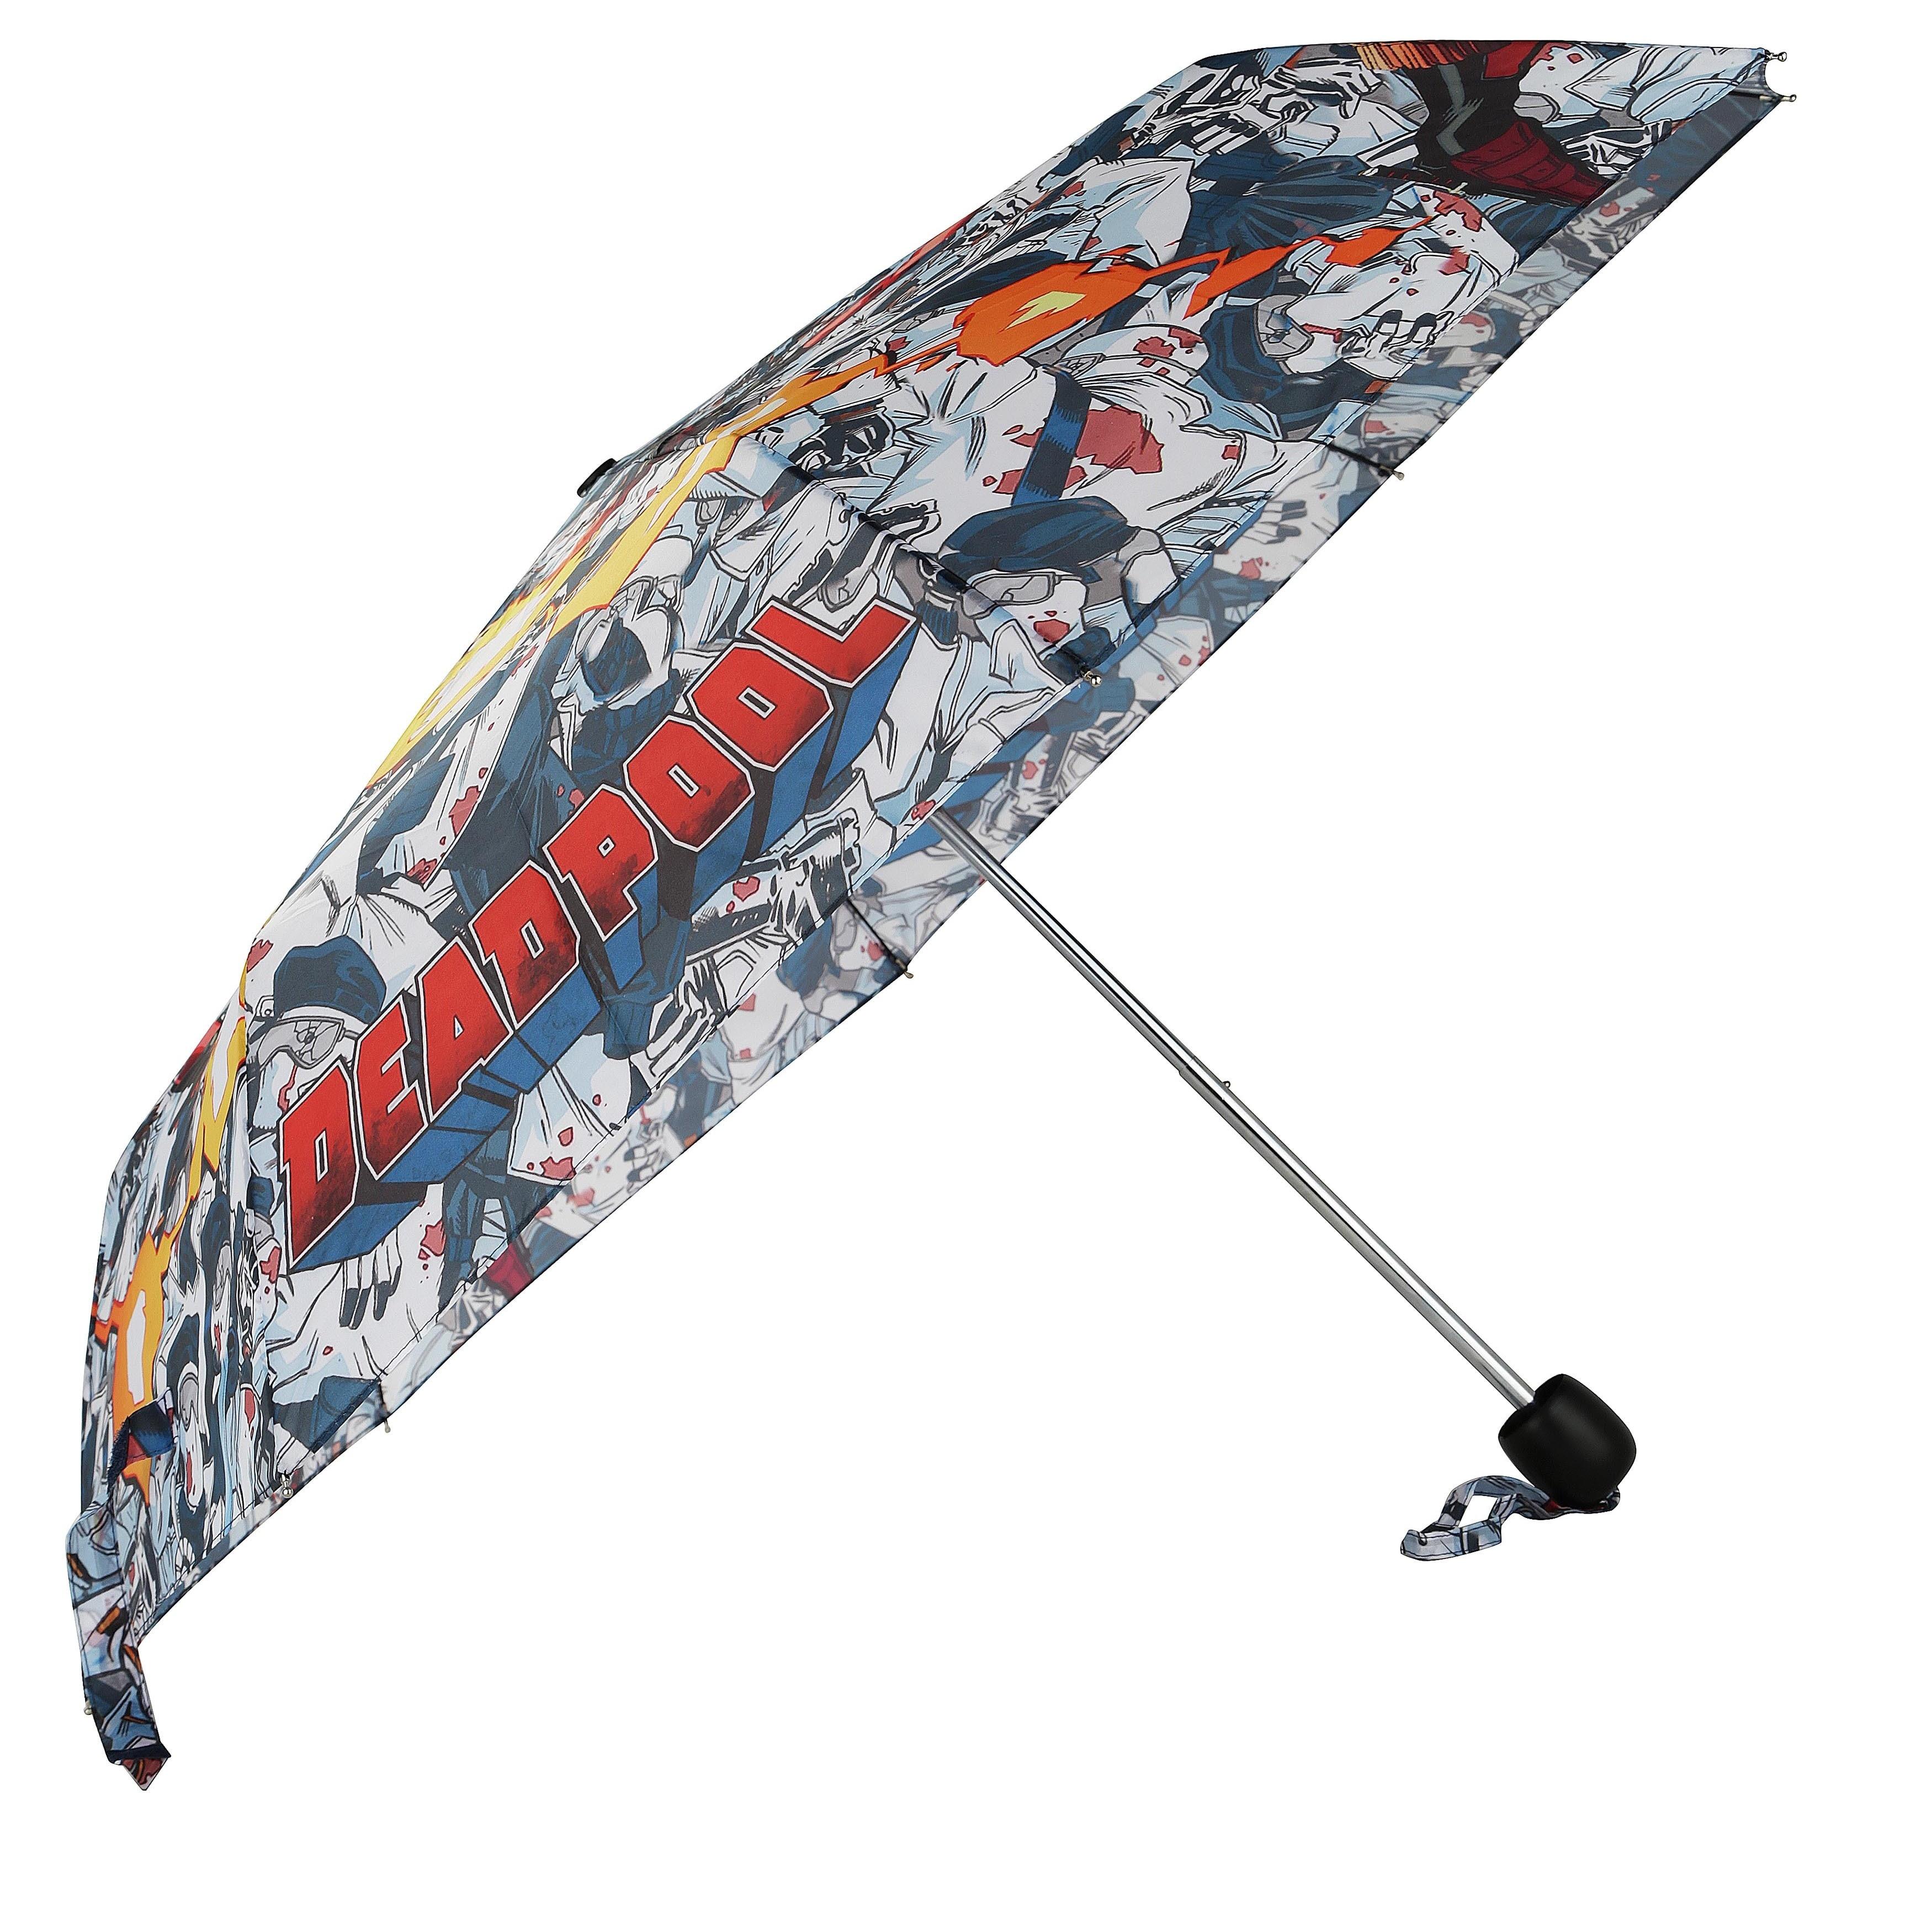 Dc Comics Marvel Deadpool Adult Compact Umbrella (One Siz...